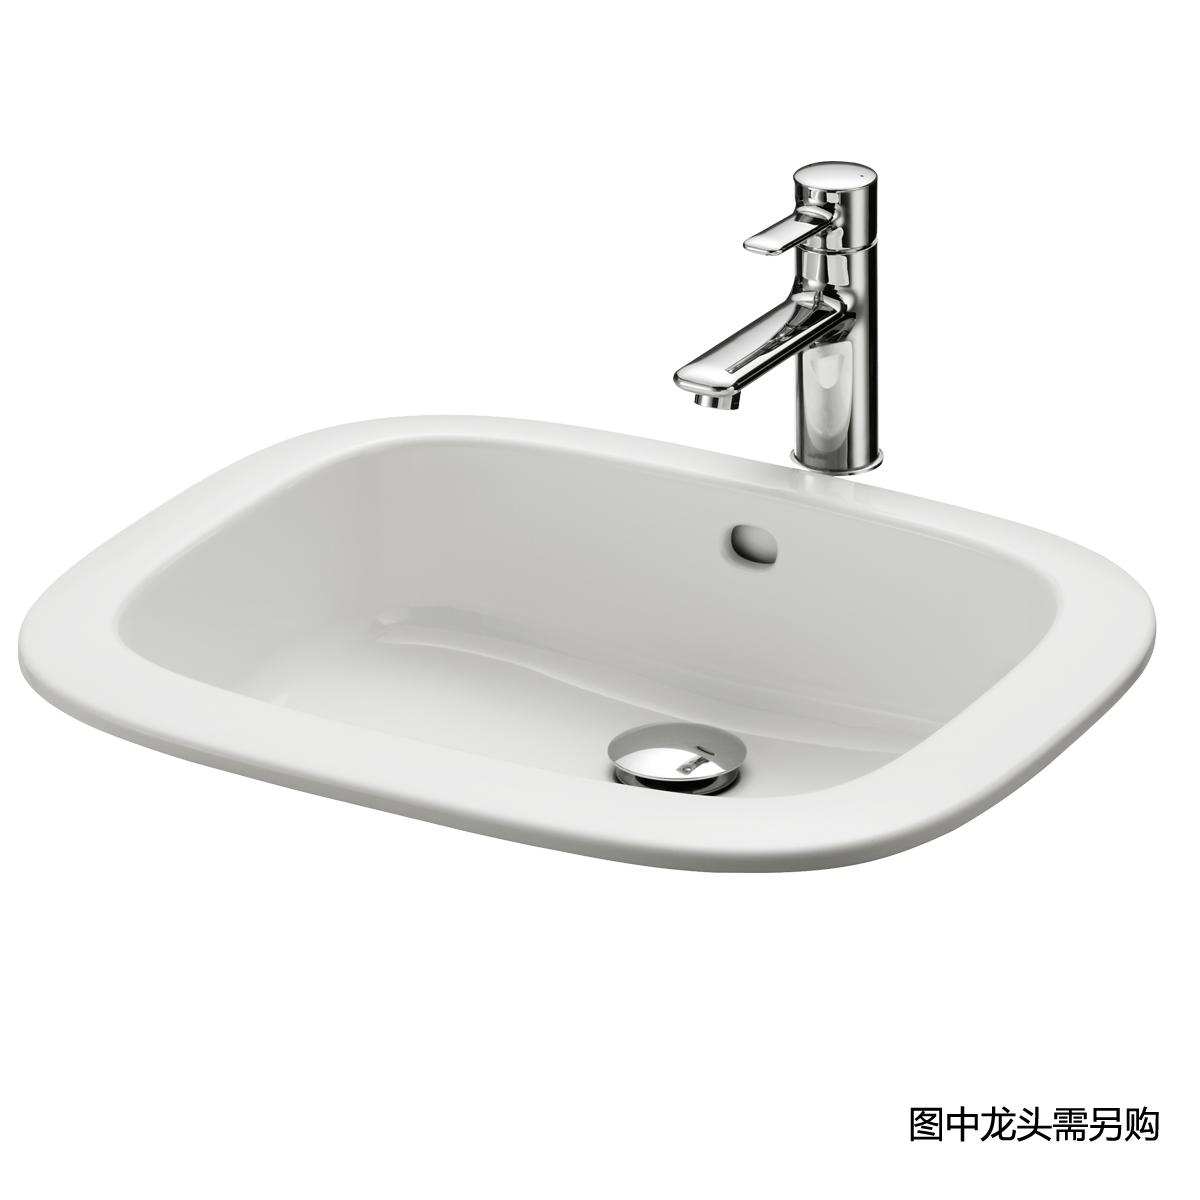 台上式洗脸盆LW763B